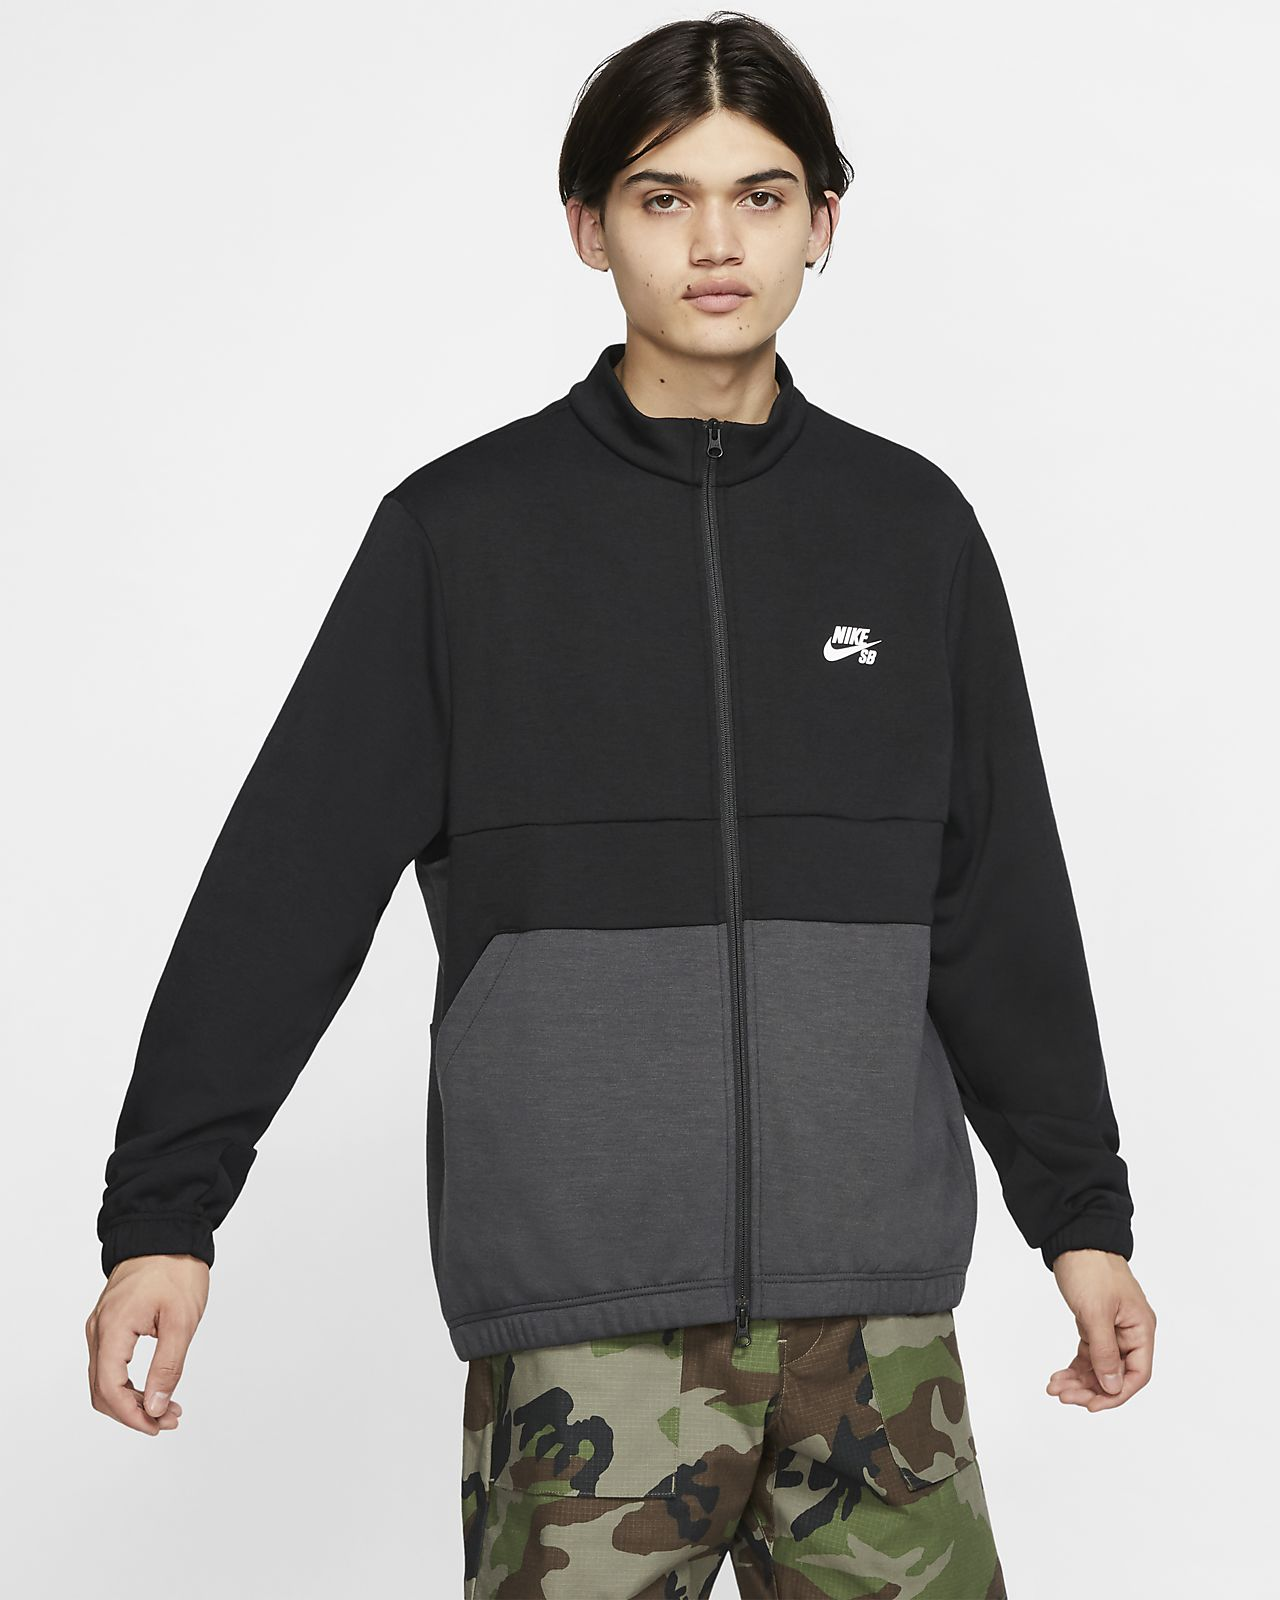 Nike SB Dri-FIT Men's Skate Track Jacket